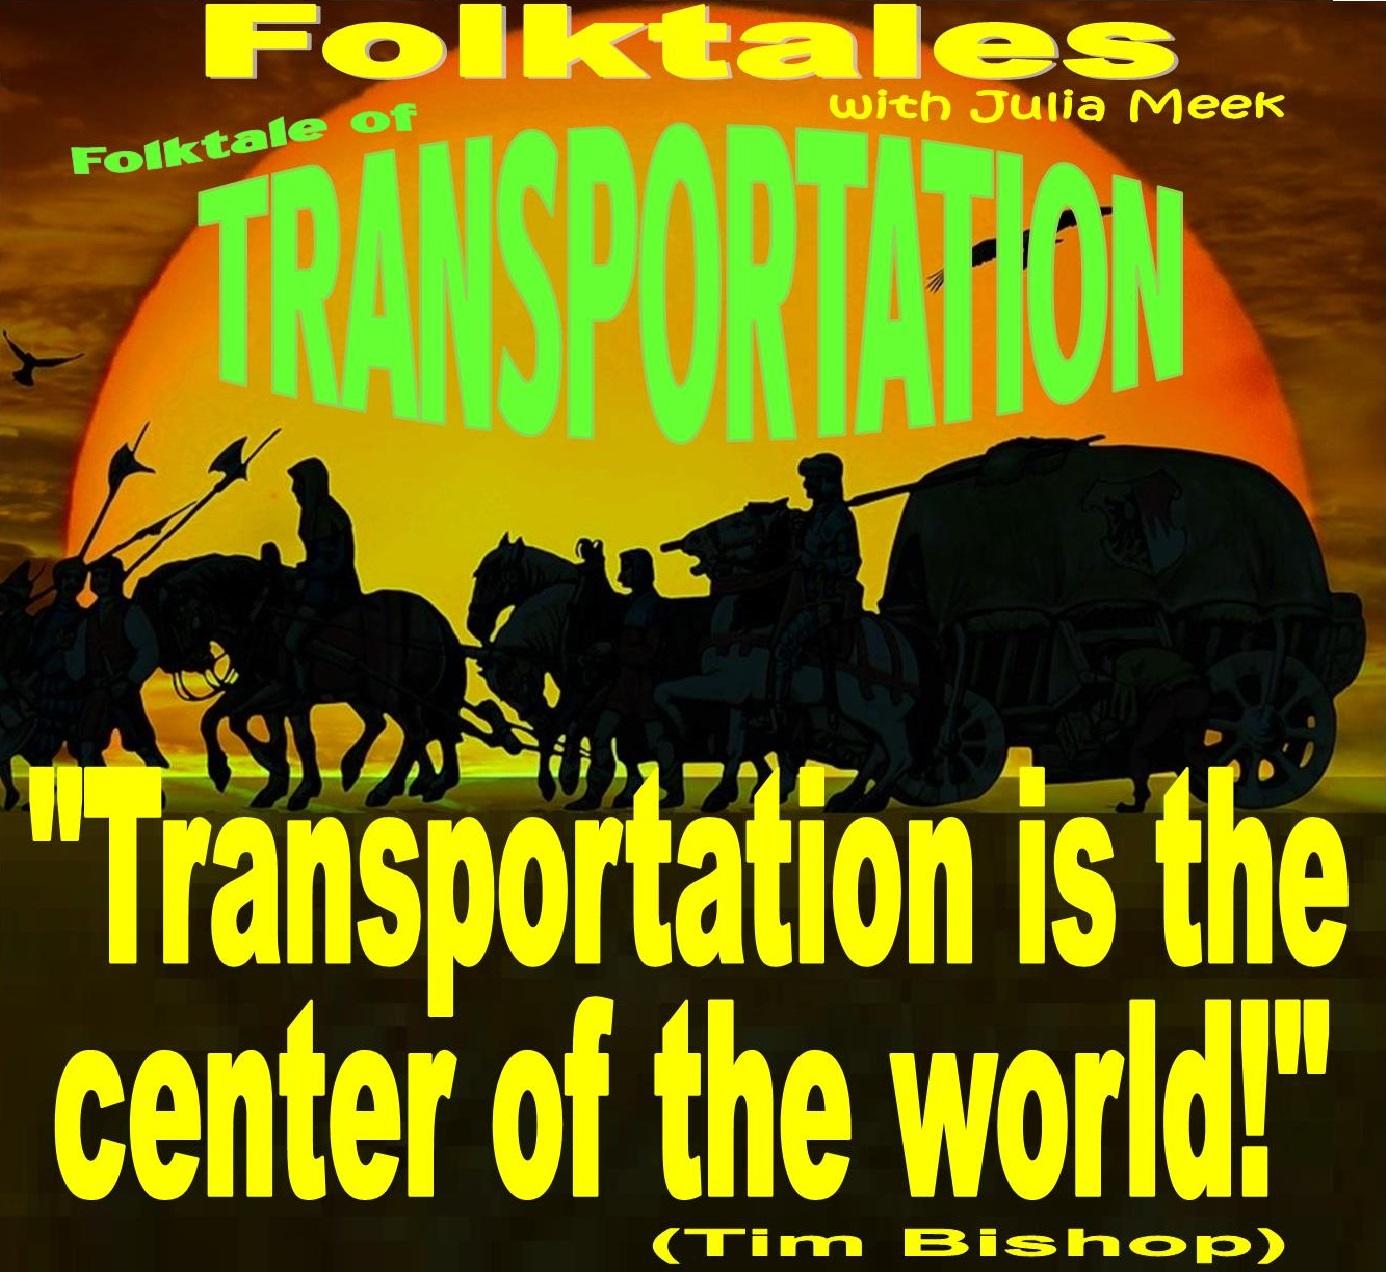 Caption: WBOI's Folktale of Transportation, Credit: Julia Meek